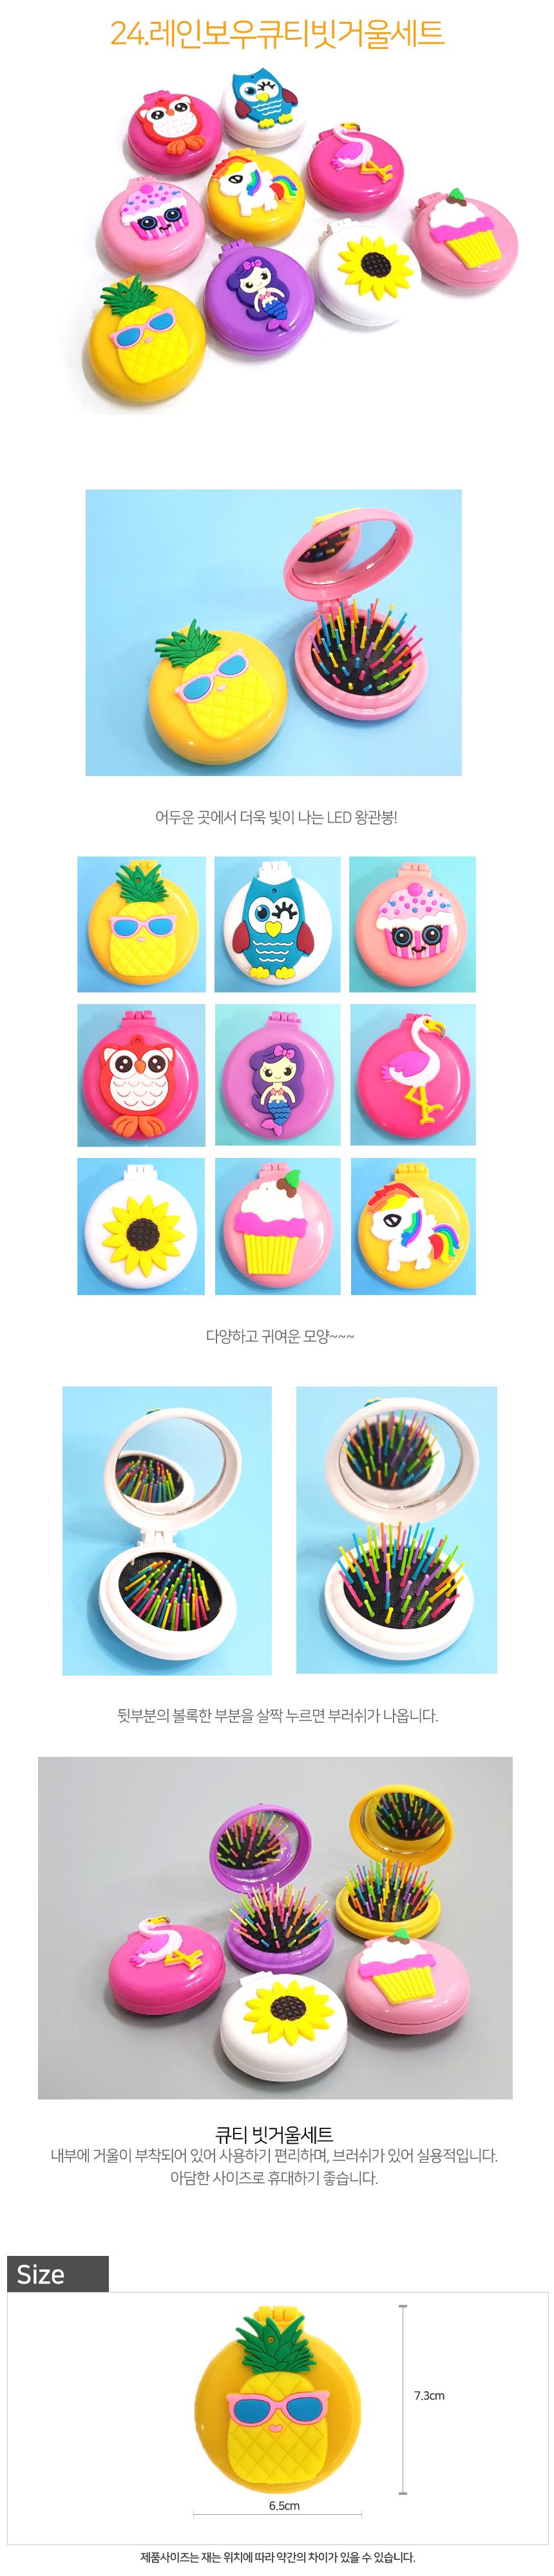 accessories_24.jpg